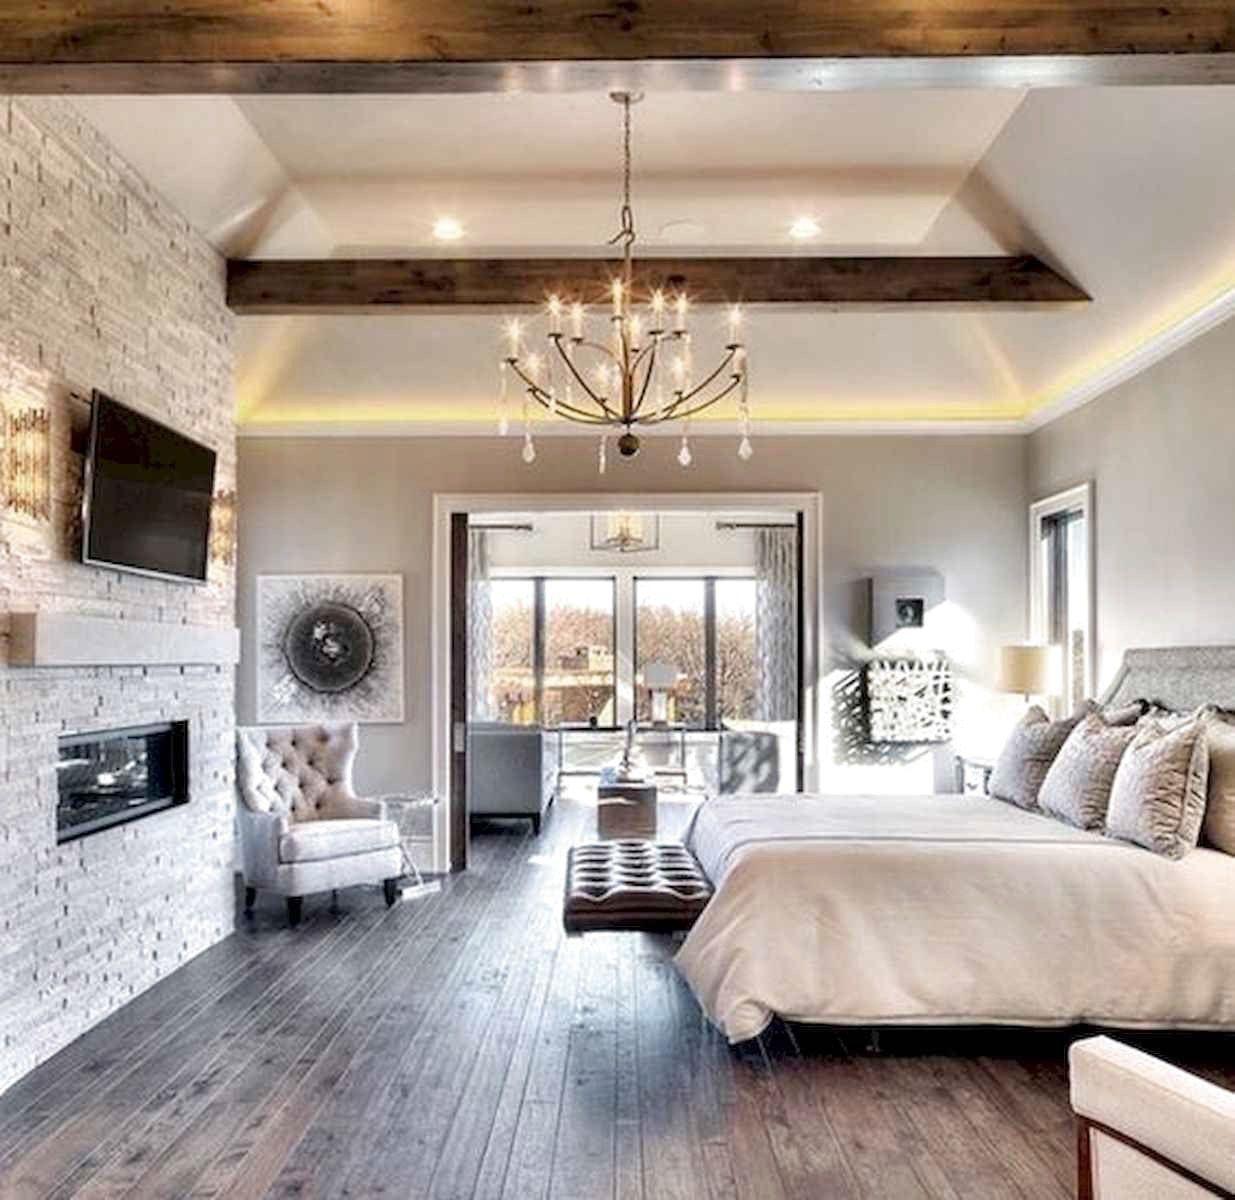 900 Home Master Bedrooms Ideas In 2021 Bedroom Design Beautiful